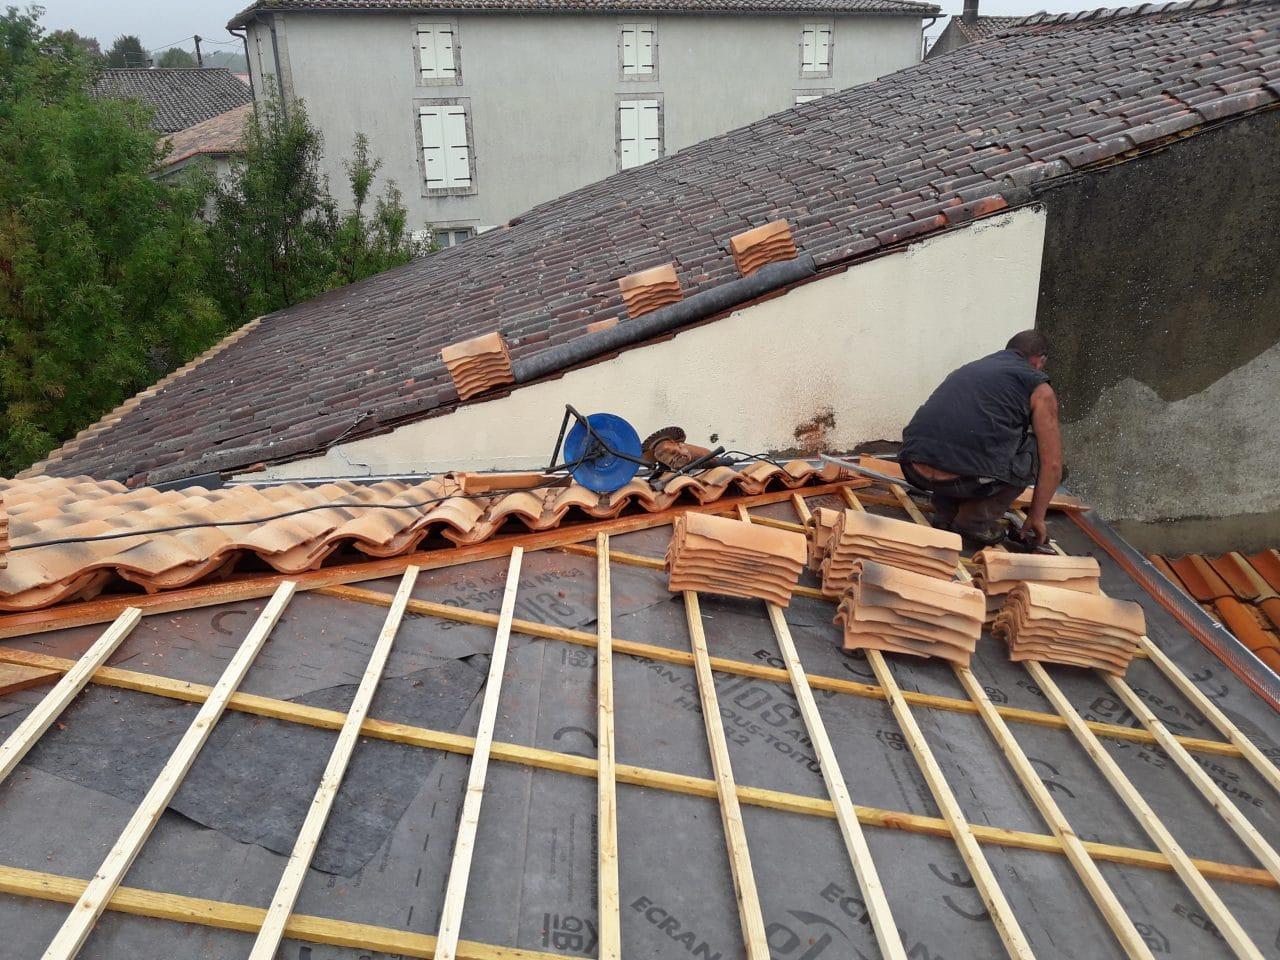 rénovation toiture volige de liteau tuiles écran sous toiture Saint-Hilaire-la-Palud